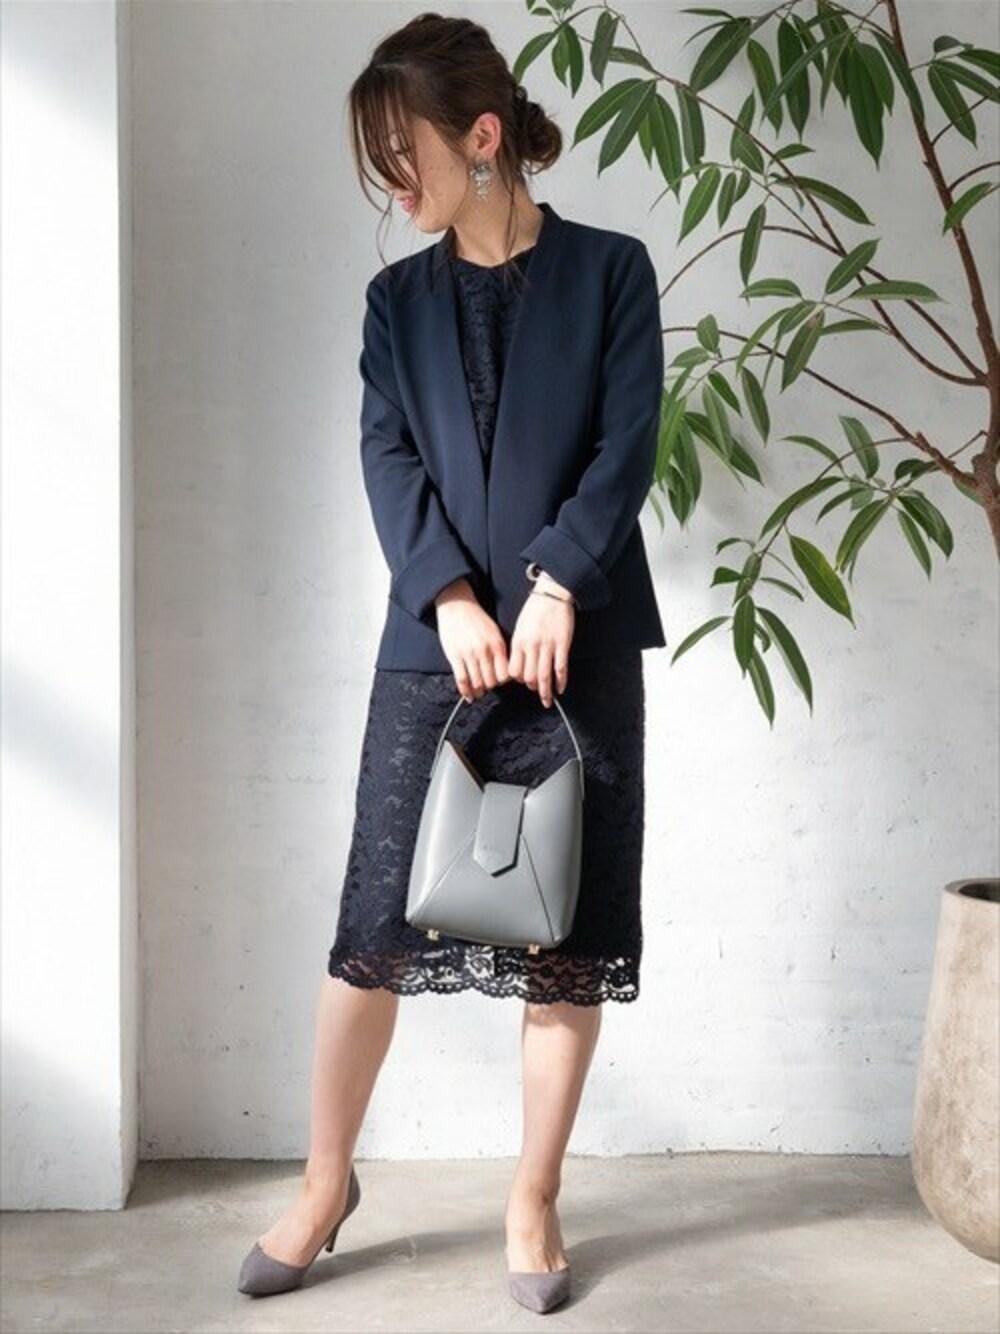 ティアンエクート ファッション ママ 送迎 受験